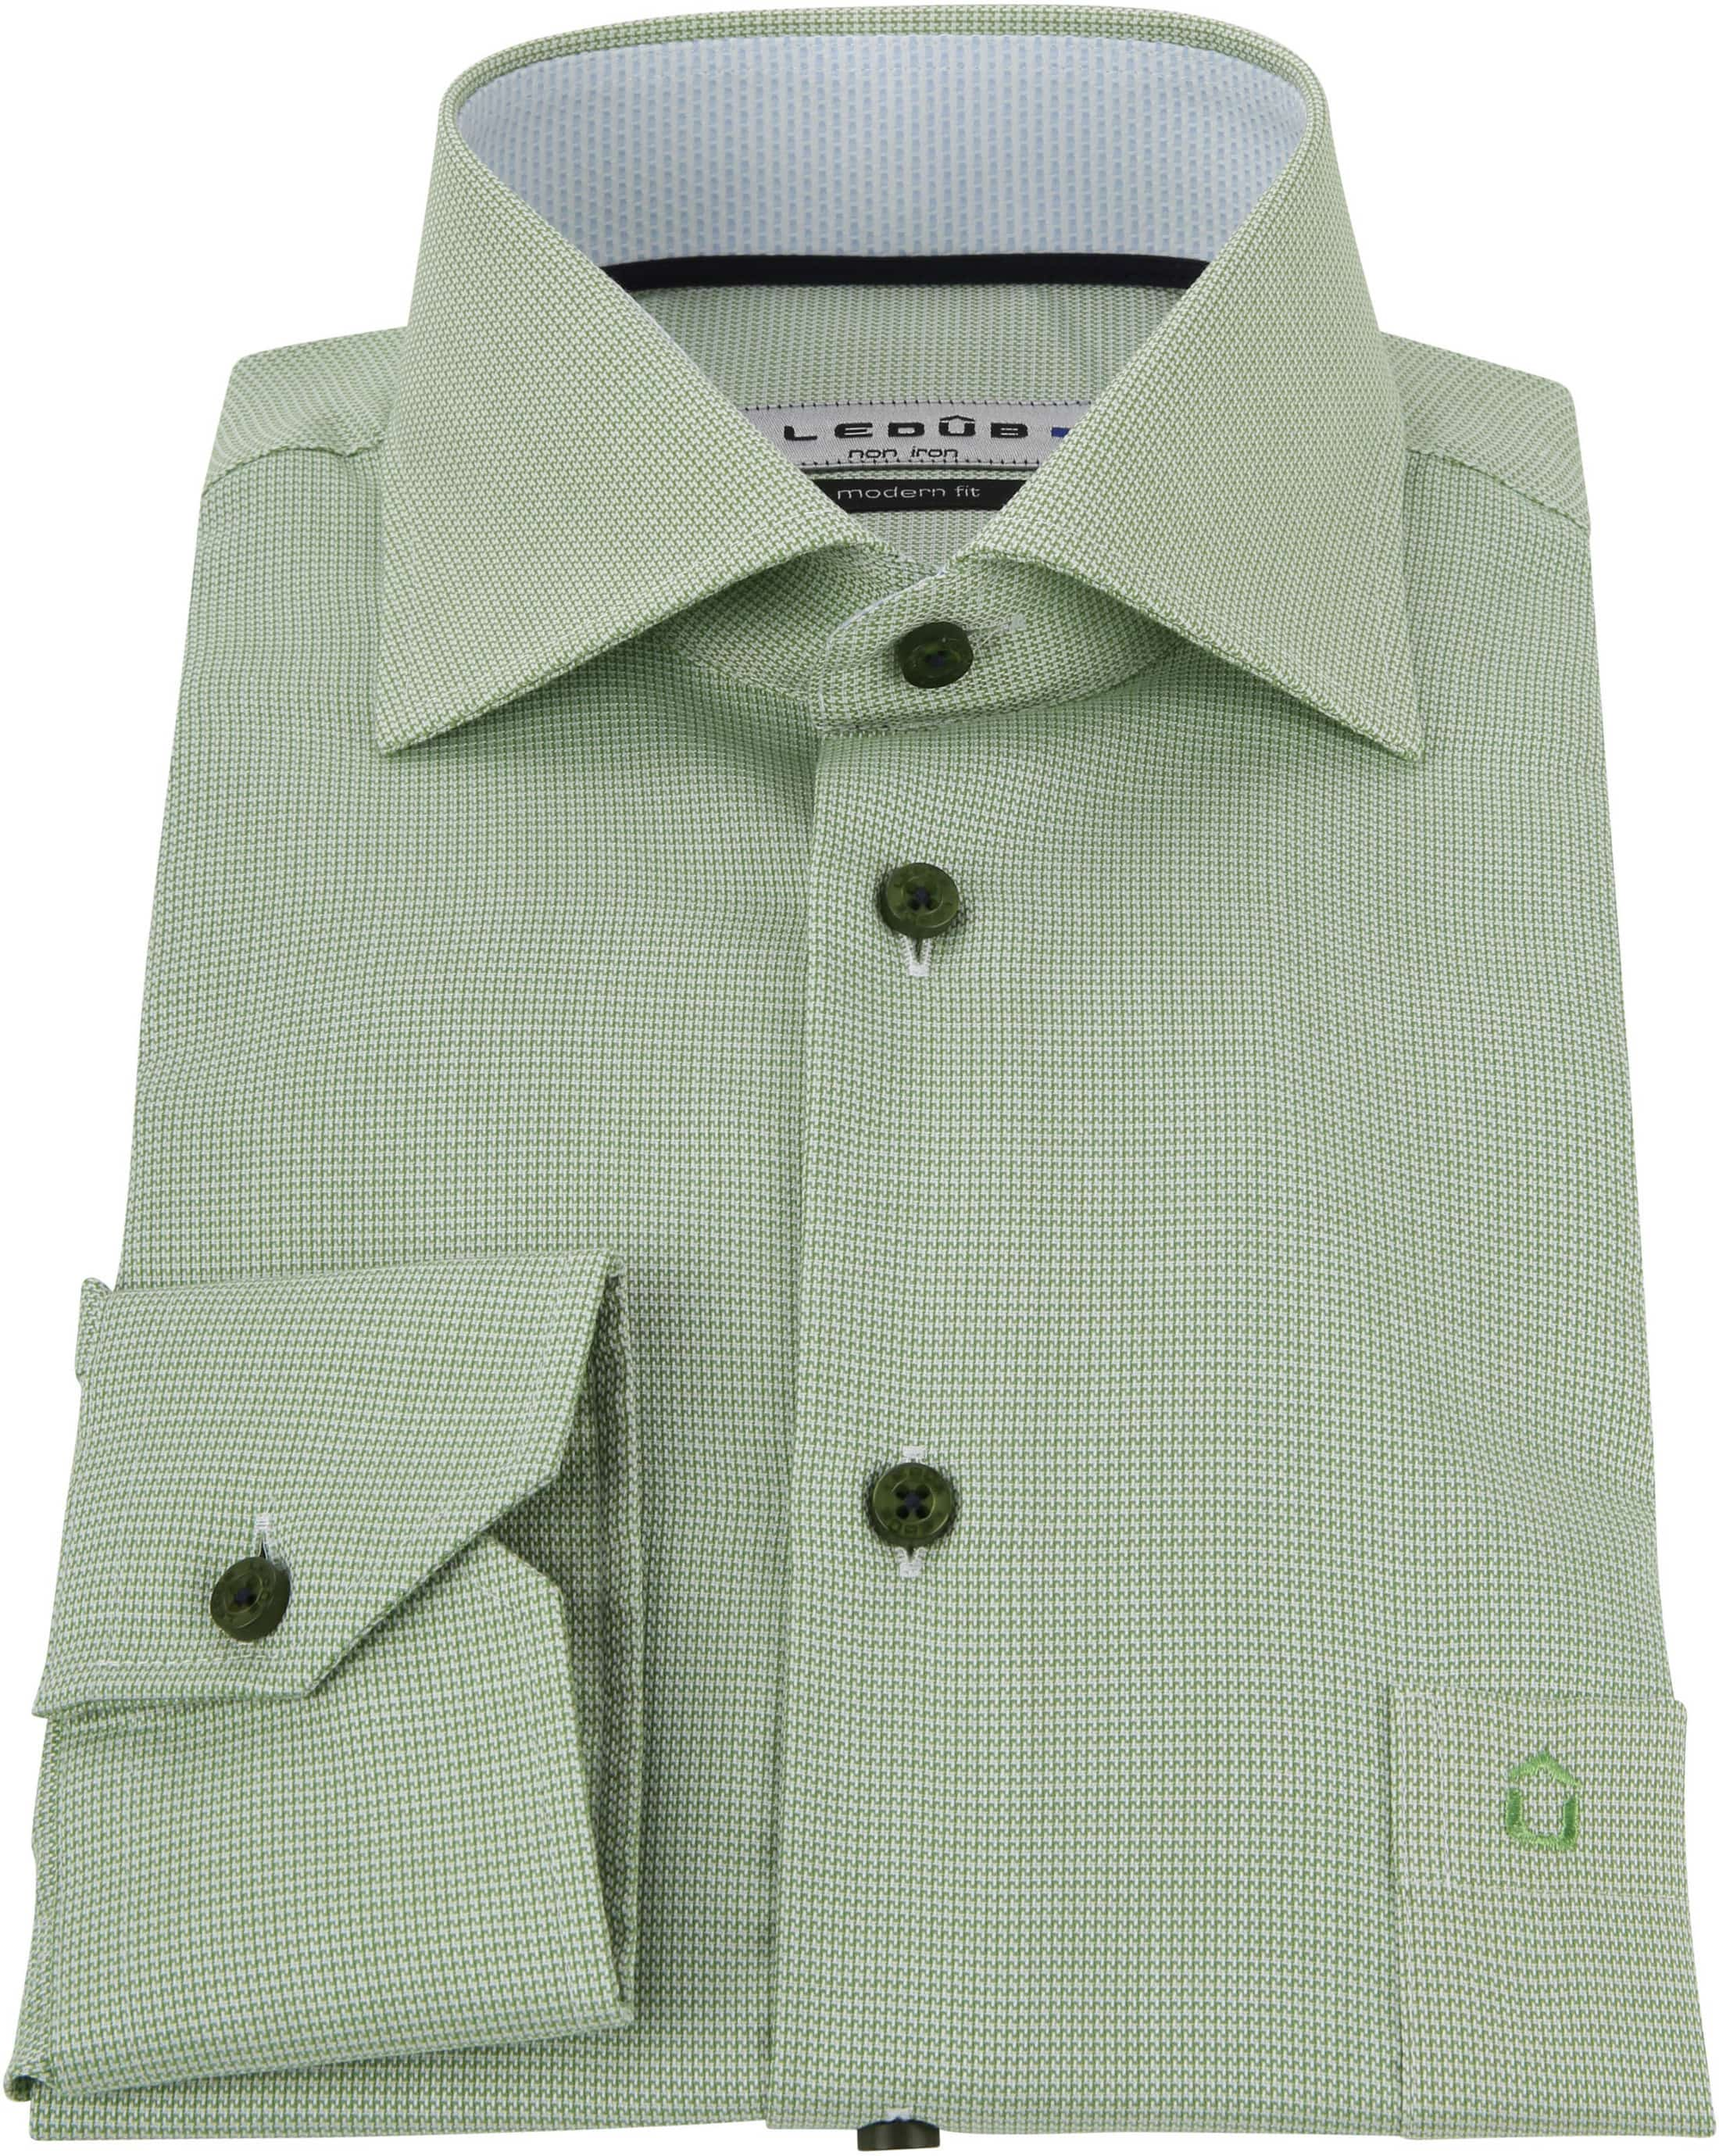 Ledub Overhemd Groen Non Iron MF foto 2